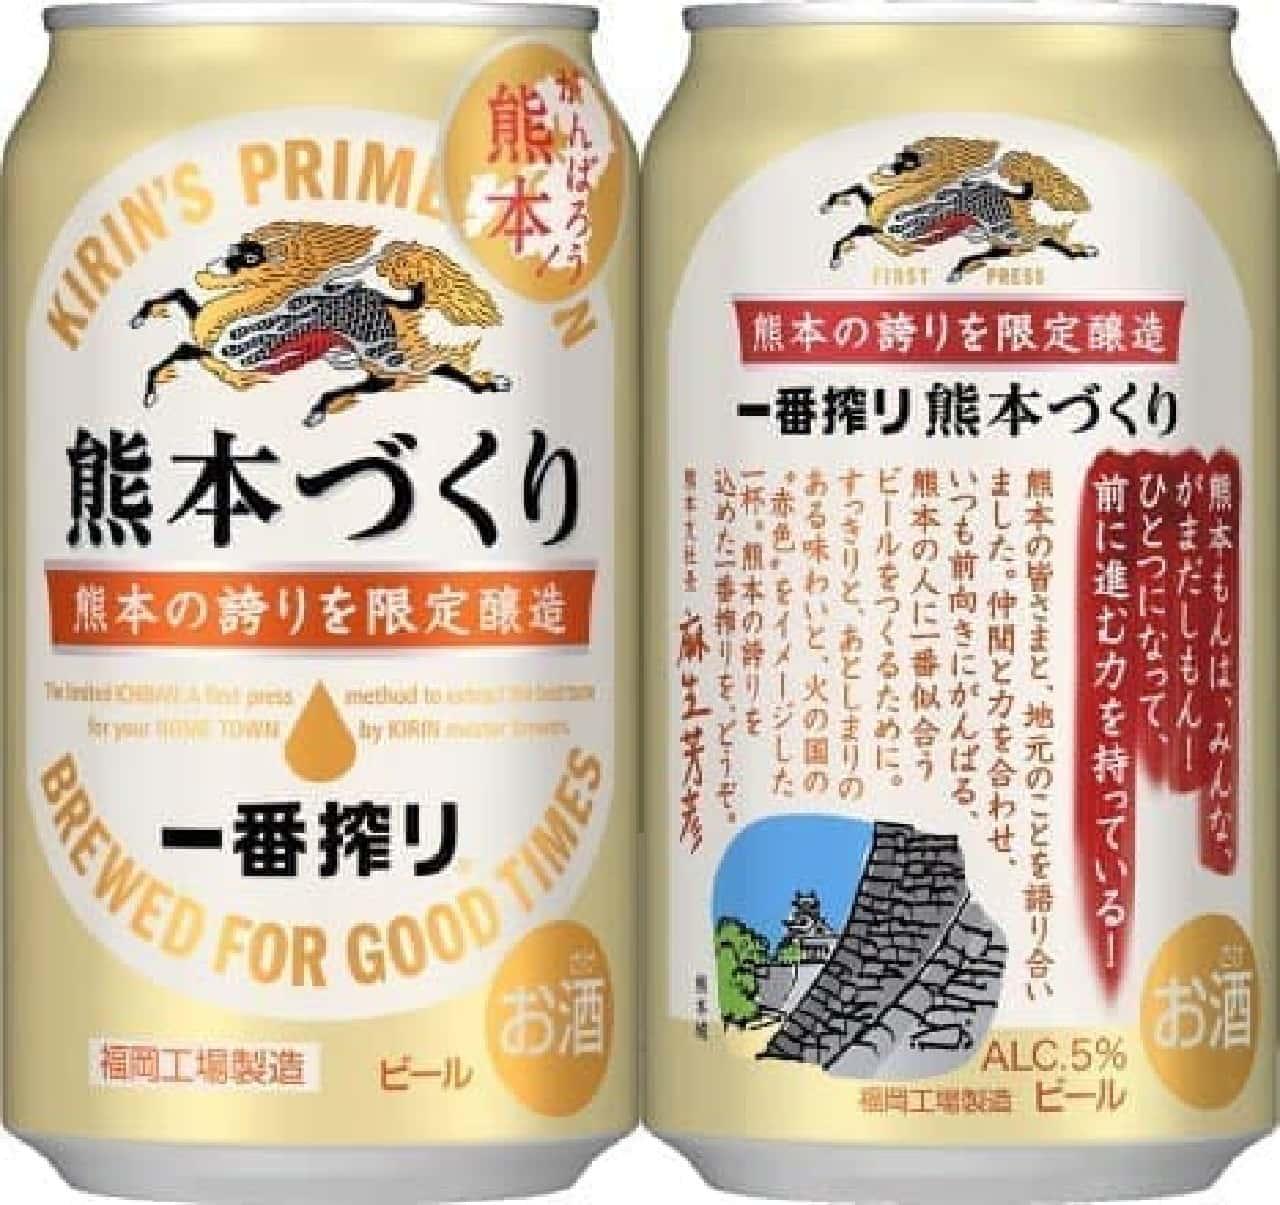 キリンビール「一番搾り 熊本づくり」